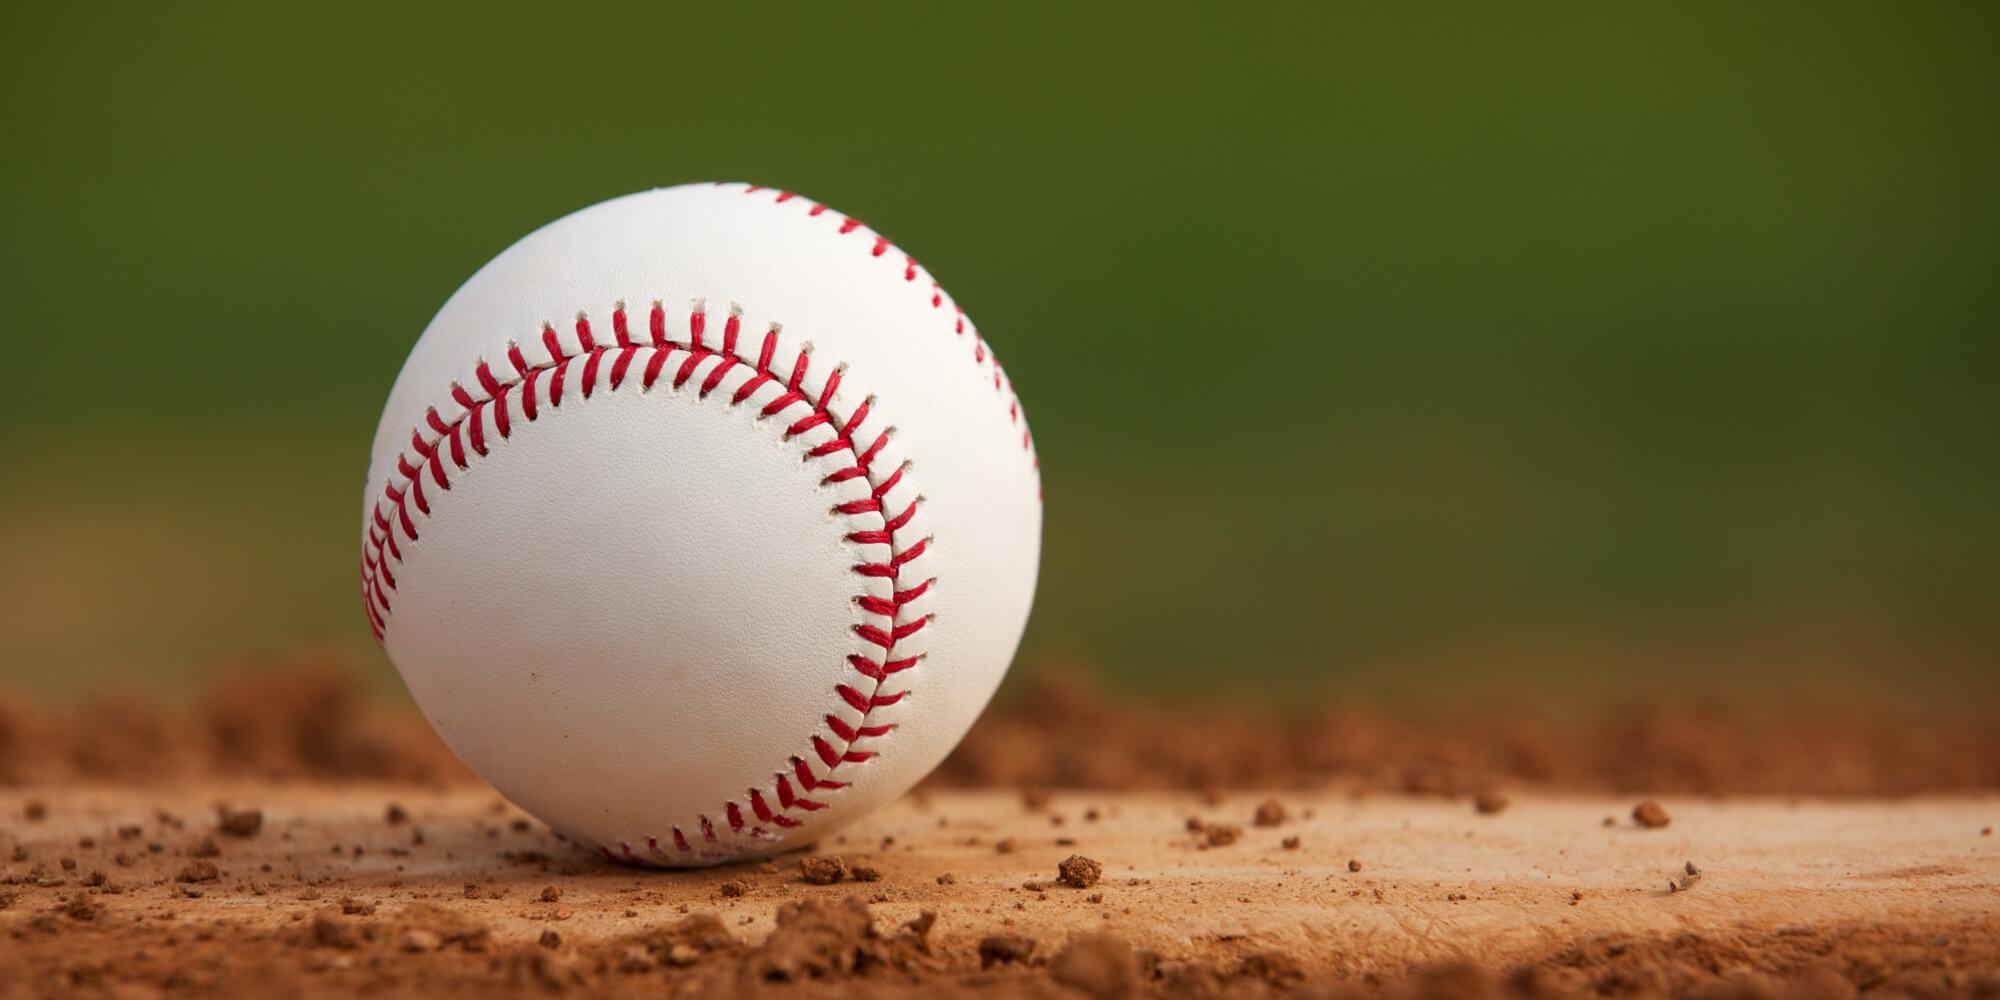 야구 배팅방법 네번째 이미지